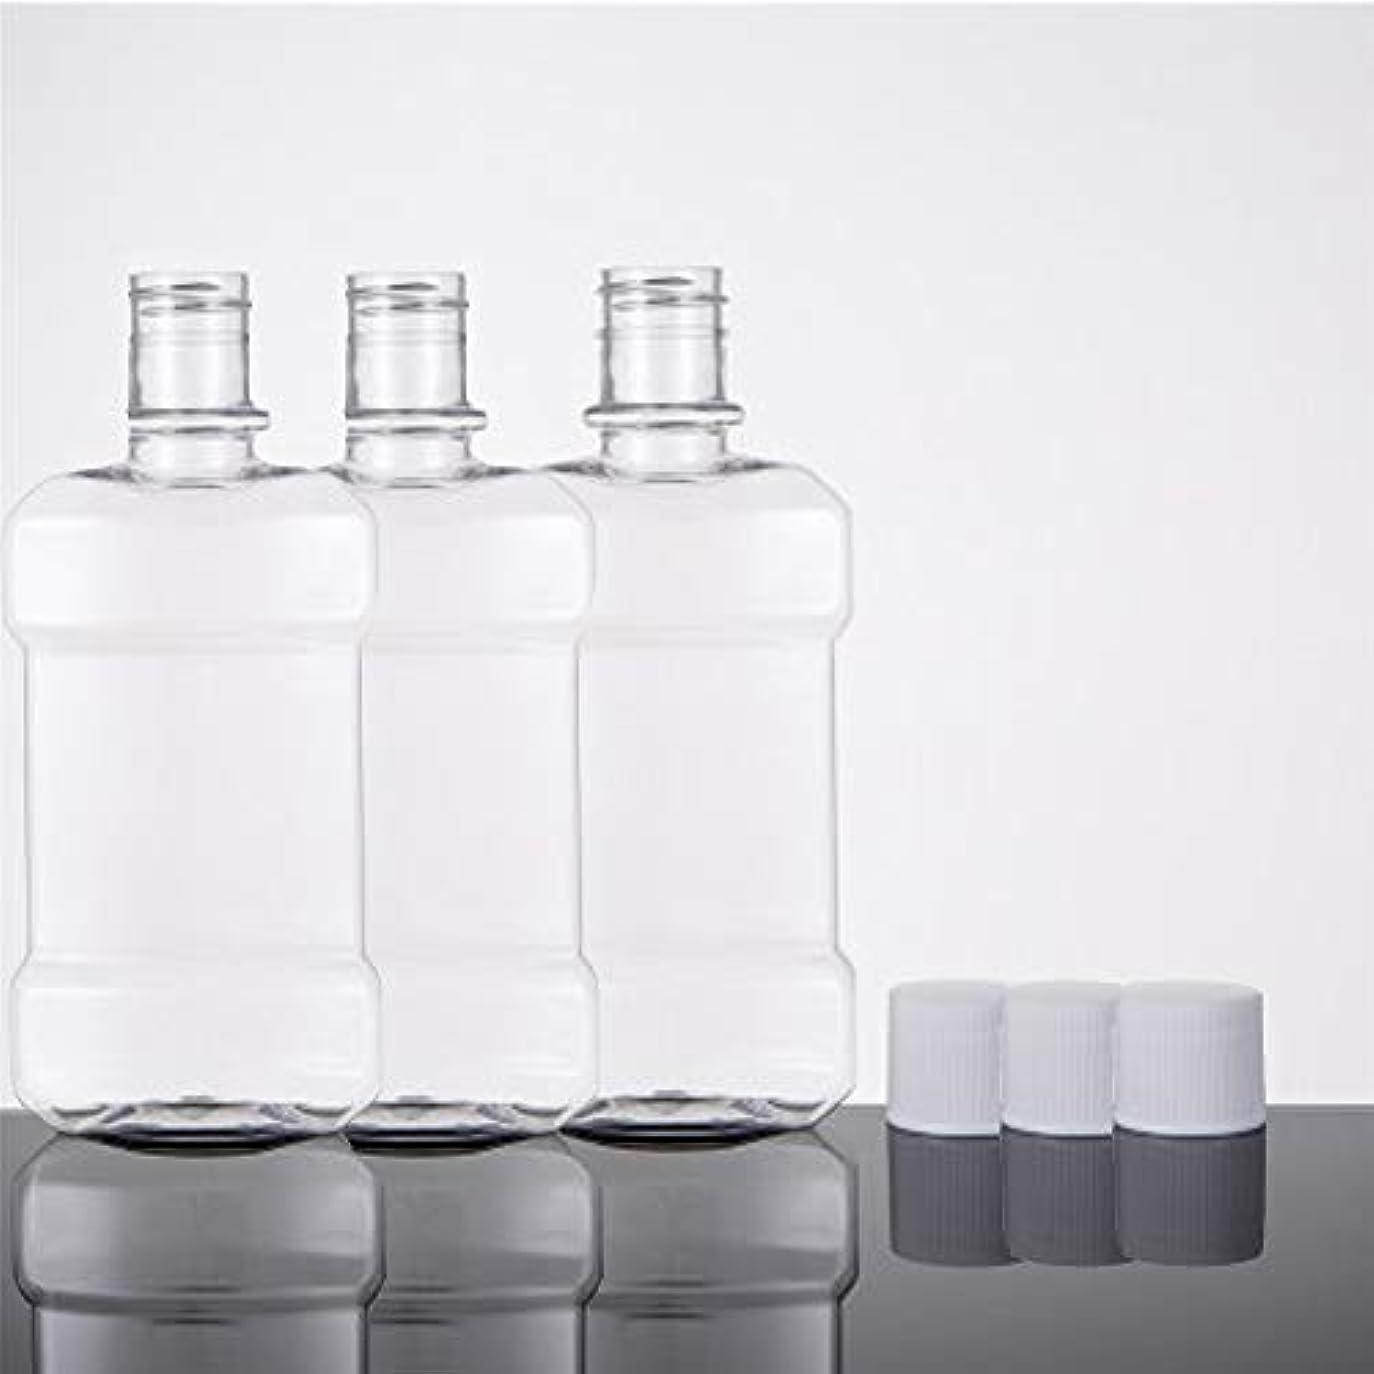 スーパーマーケット高層ビルダースSHKI マウスウォッシュ専用詰め替えボトル 250ml*3個 空ボトル 3個セット 持ち運び便利